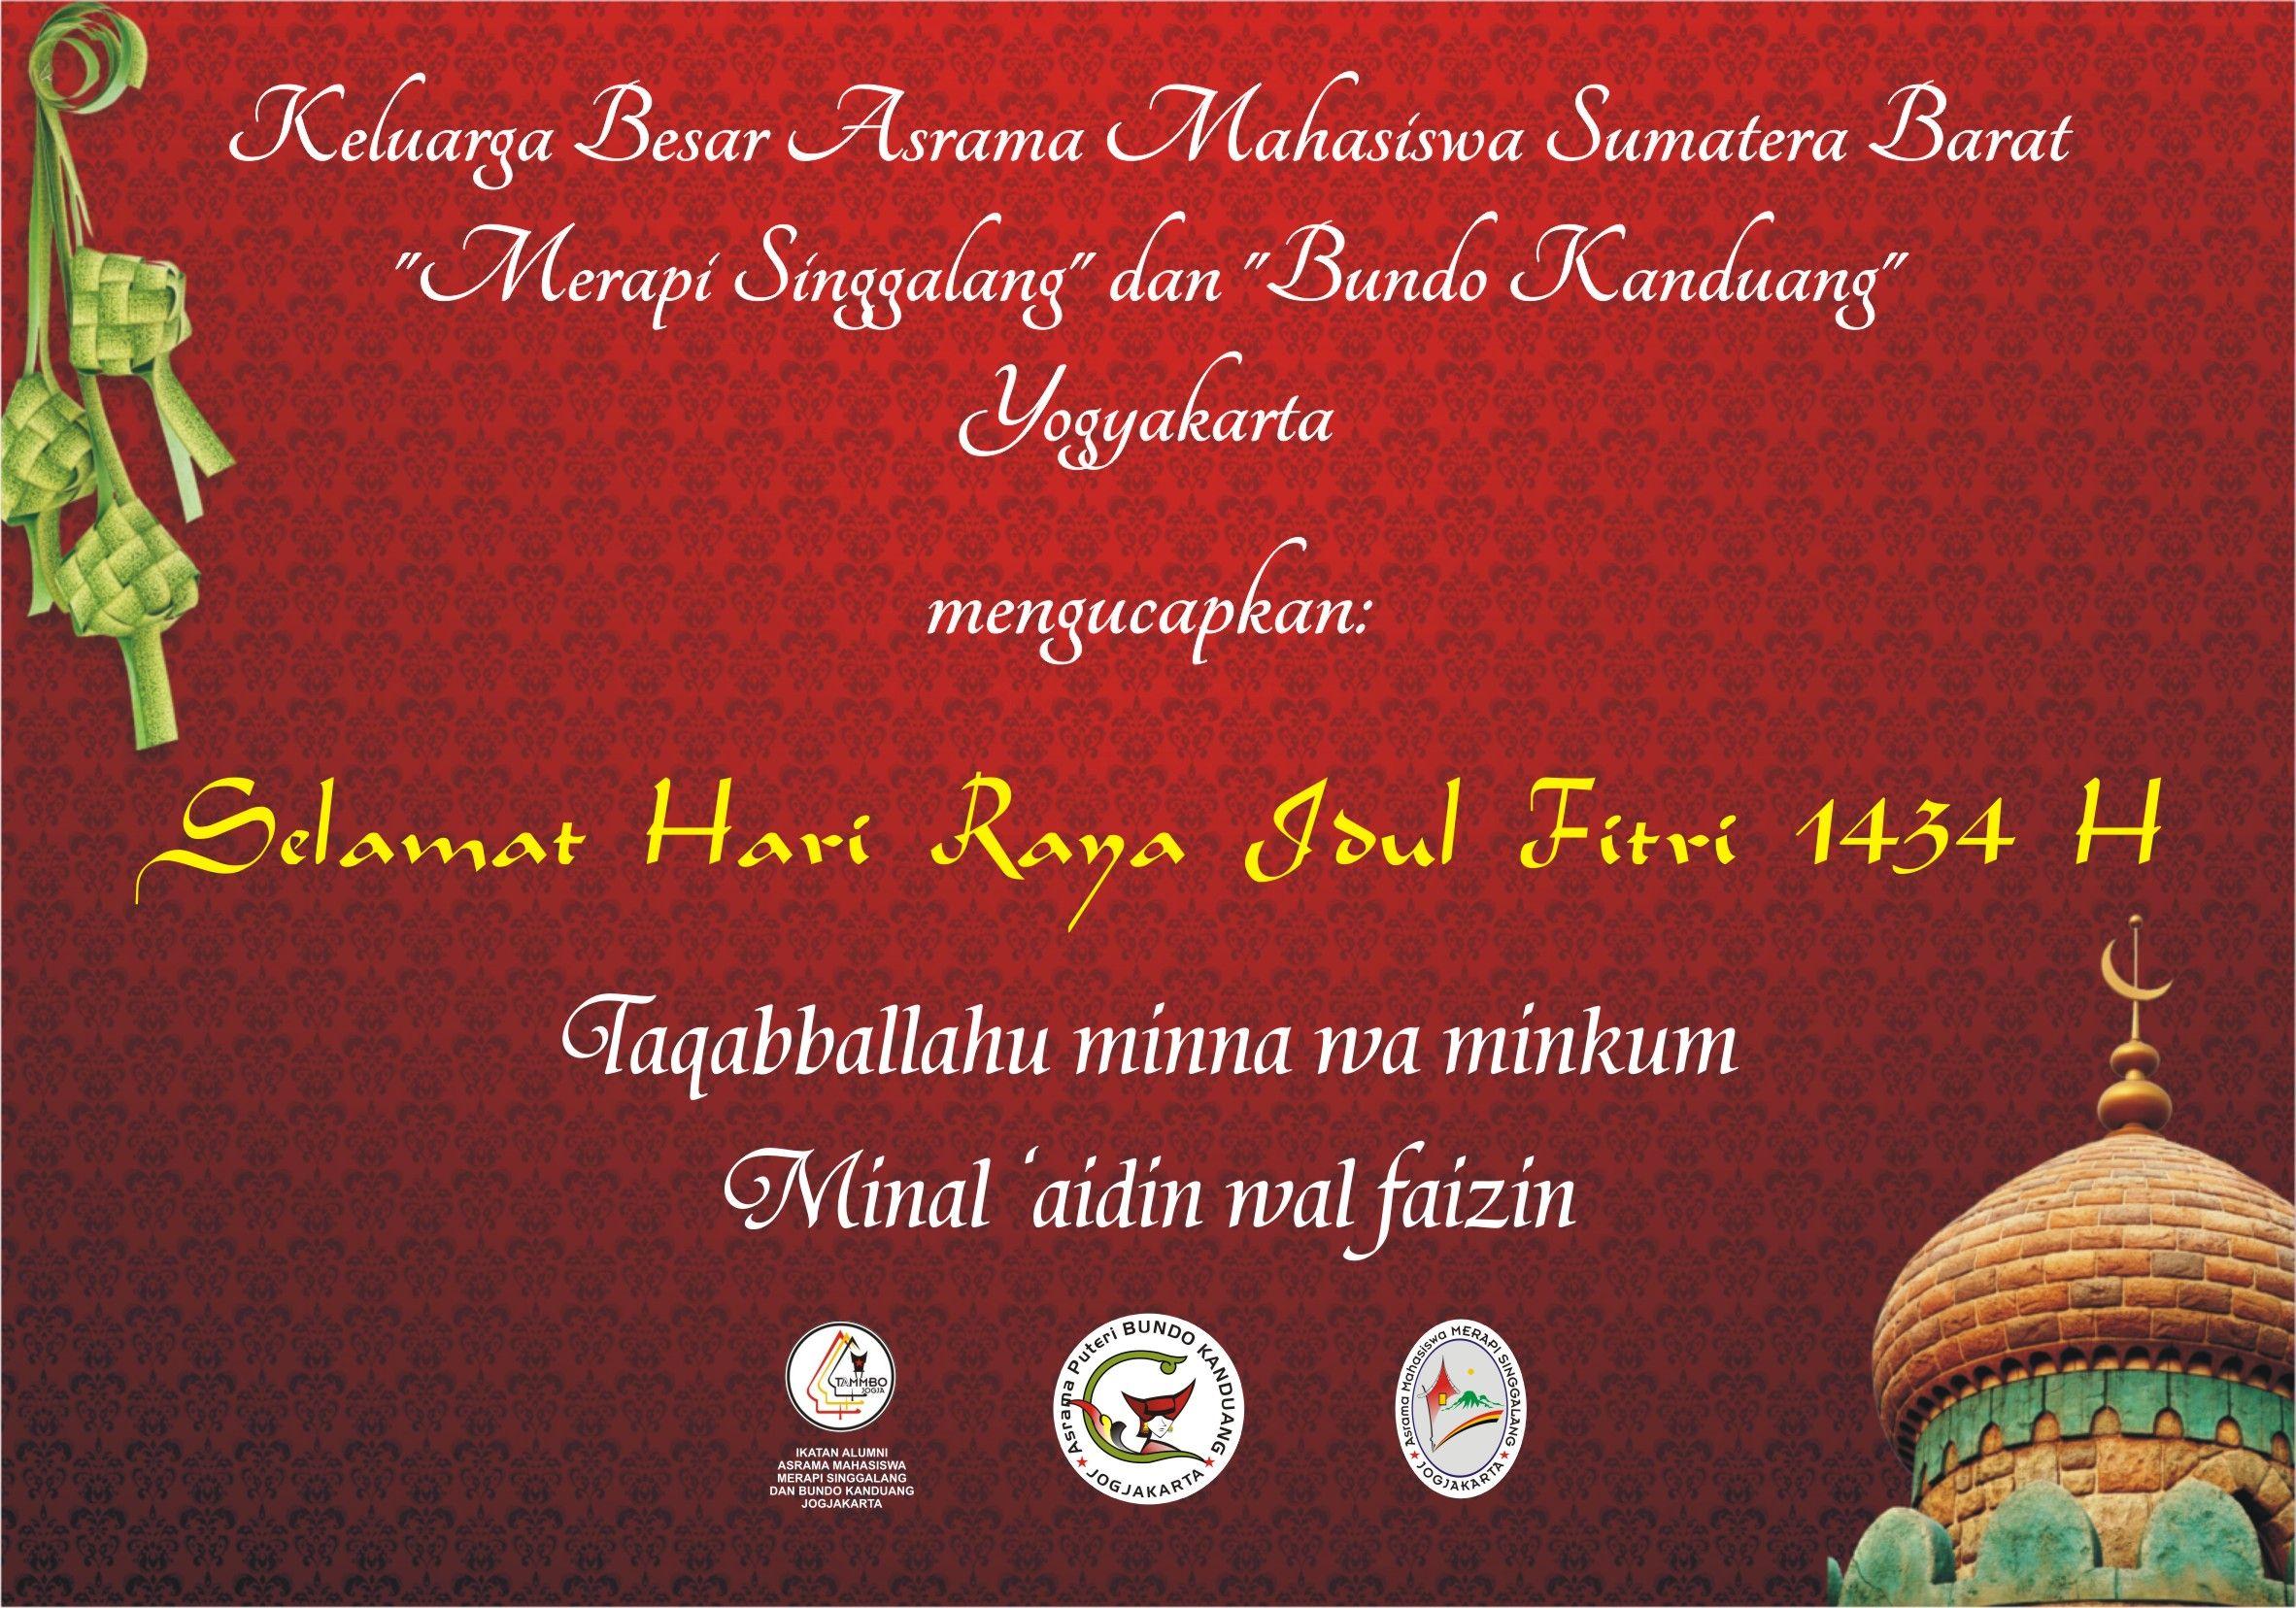 Selamat Idul Fitri 1434 H Asrama Mahasiswa Sumatera Barat